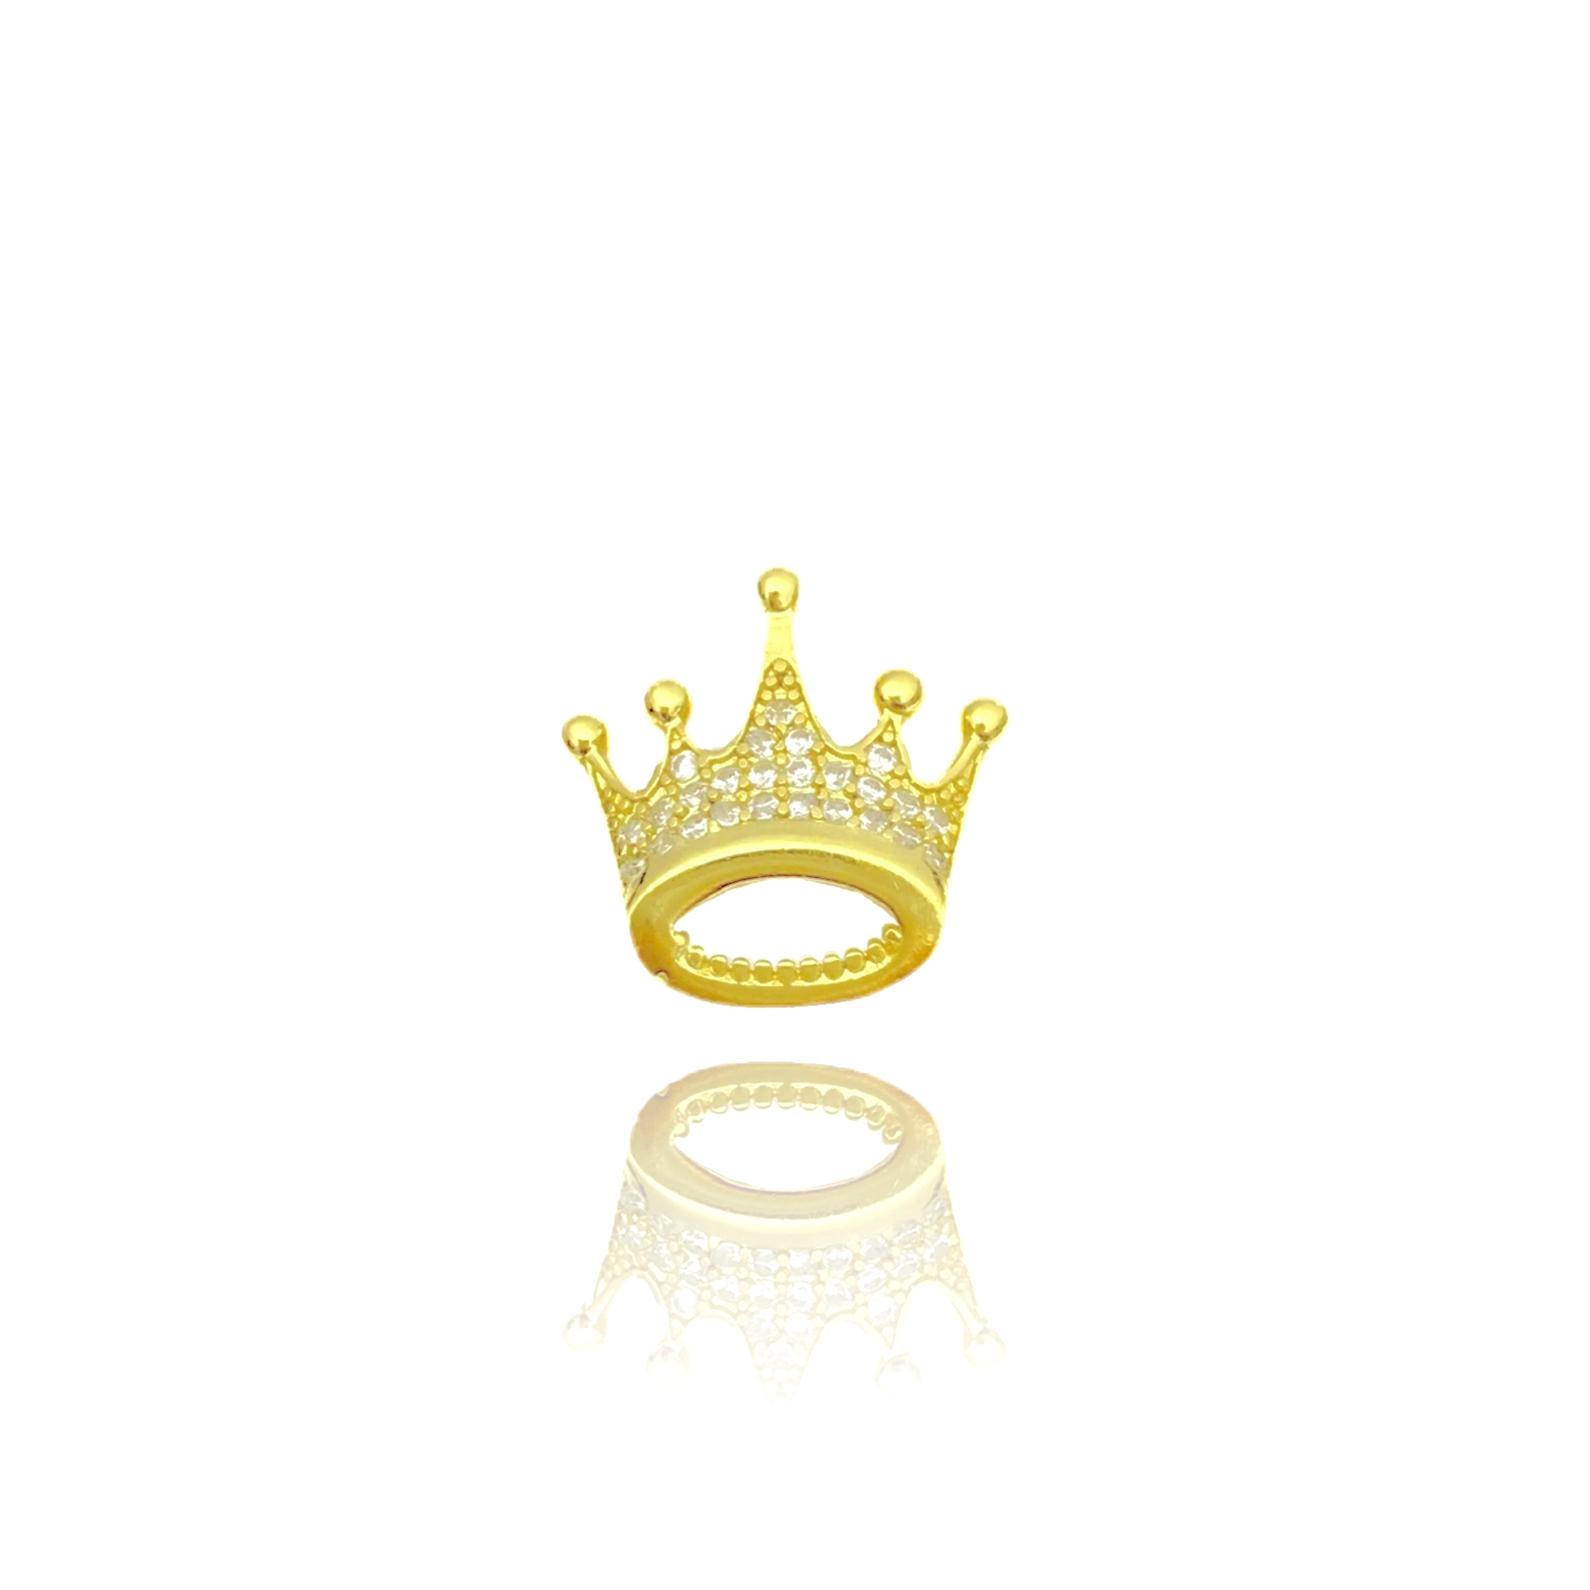 kit Corrente 3 por 1 1,6mm 40cm (Fecho Tradicional) + Pingente Coroa Cravejado em Zircônia